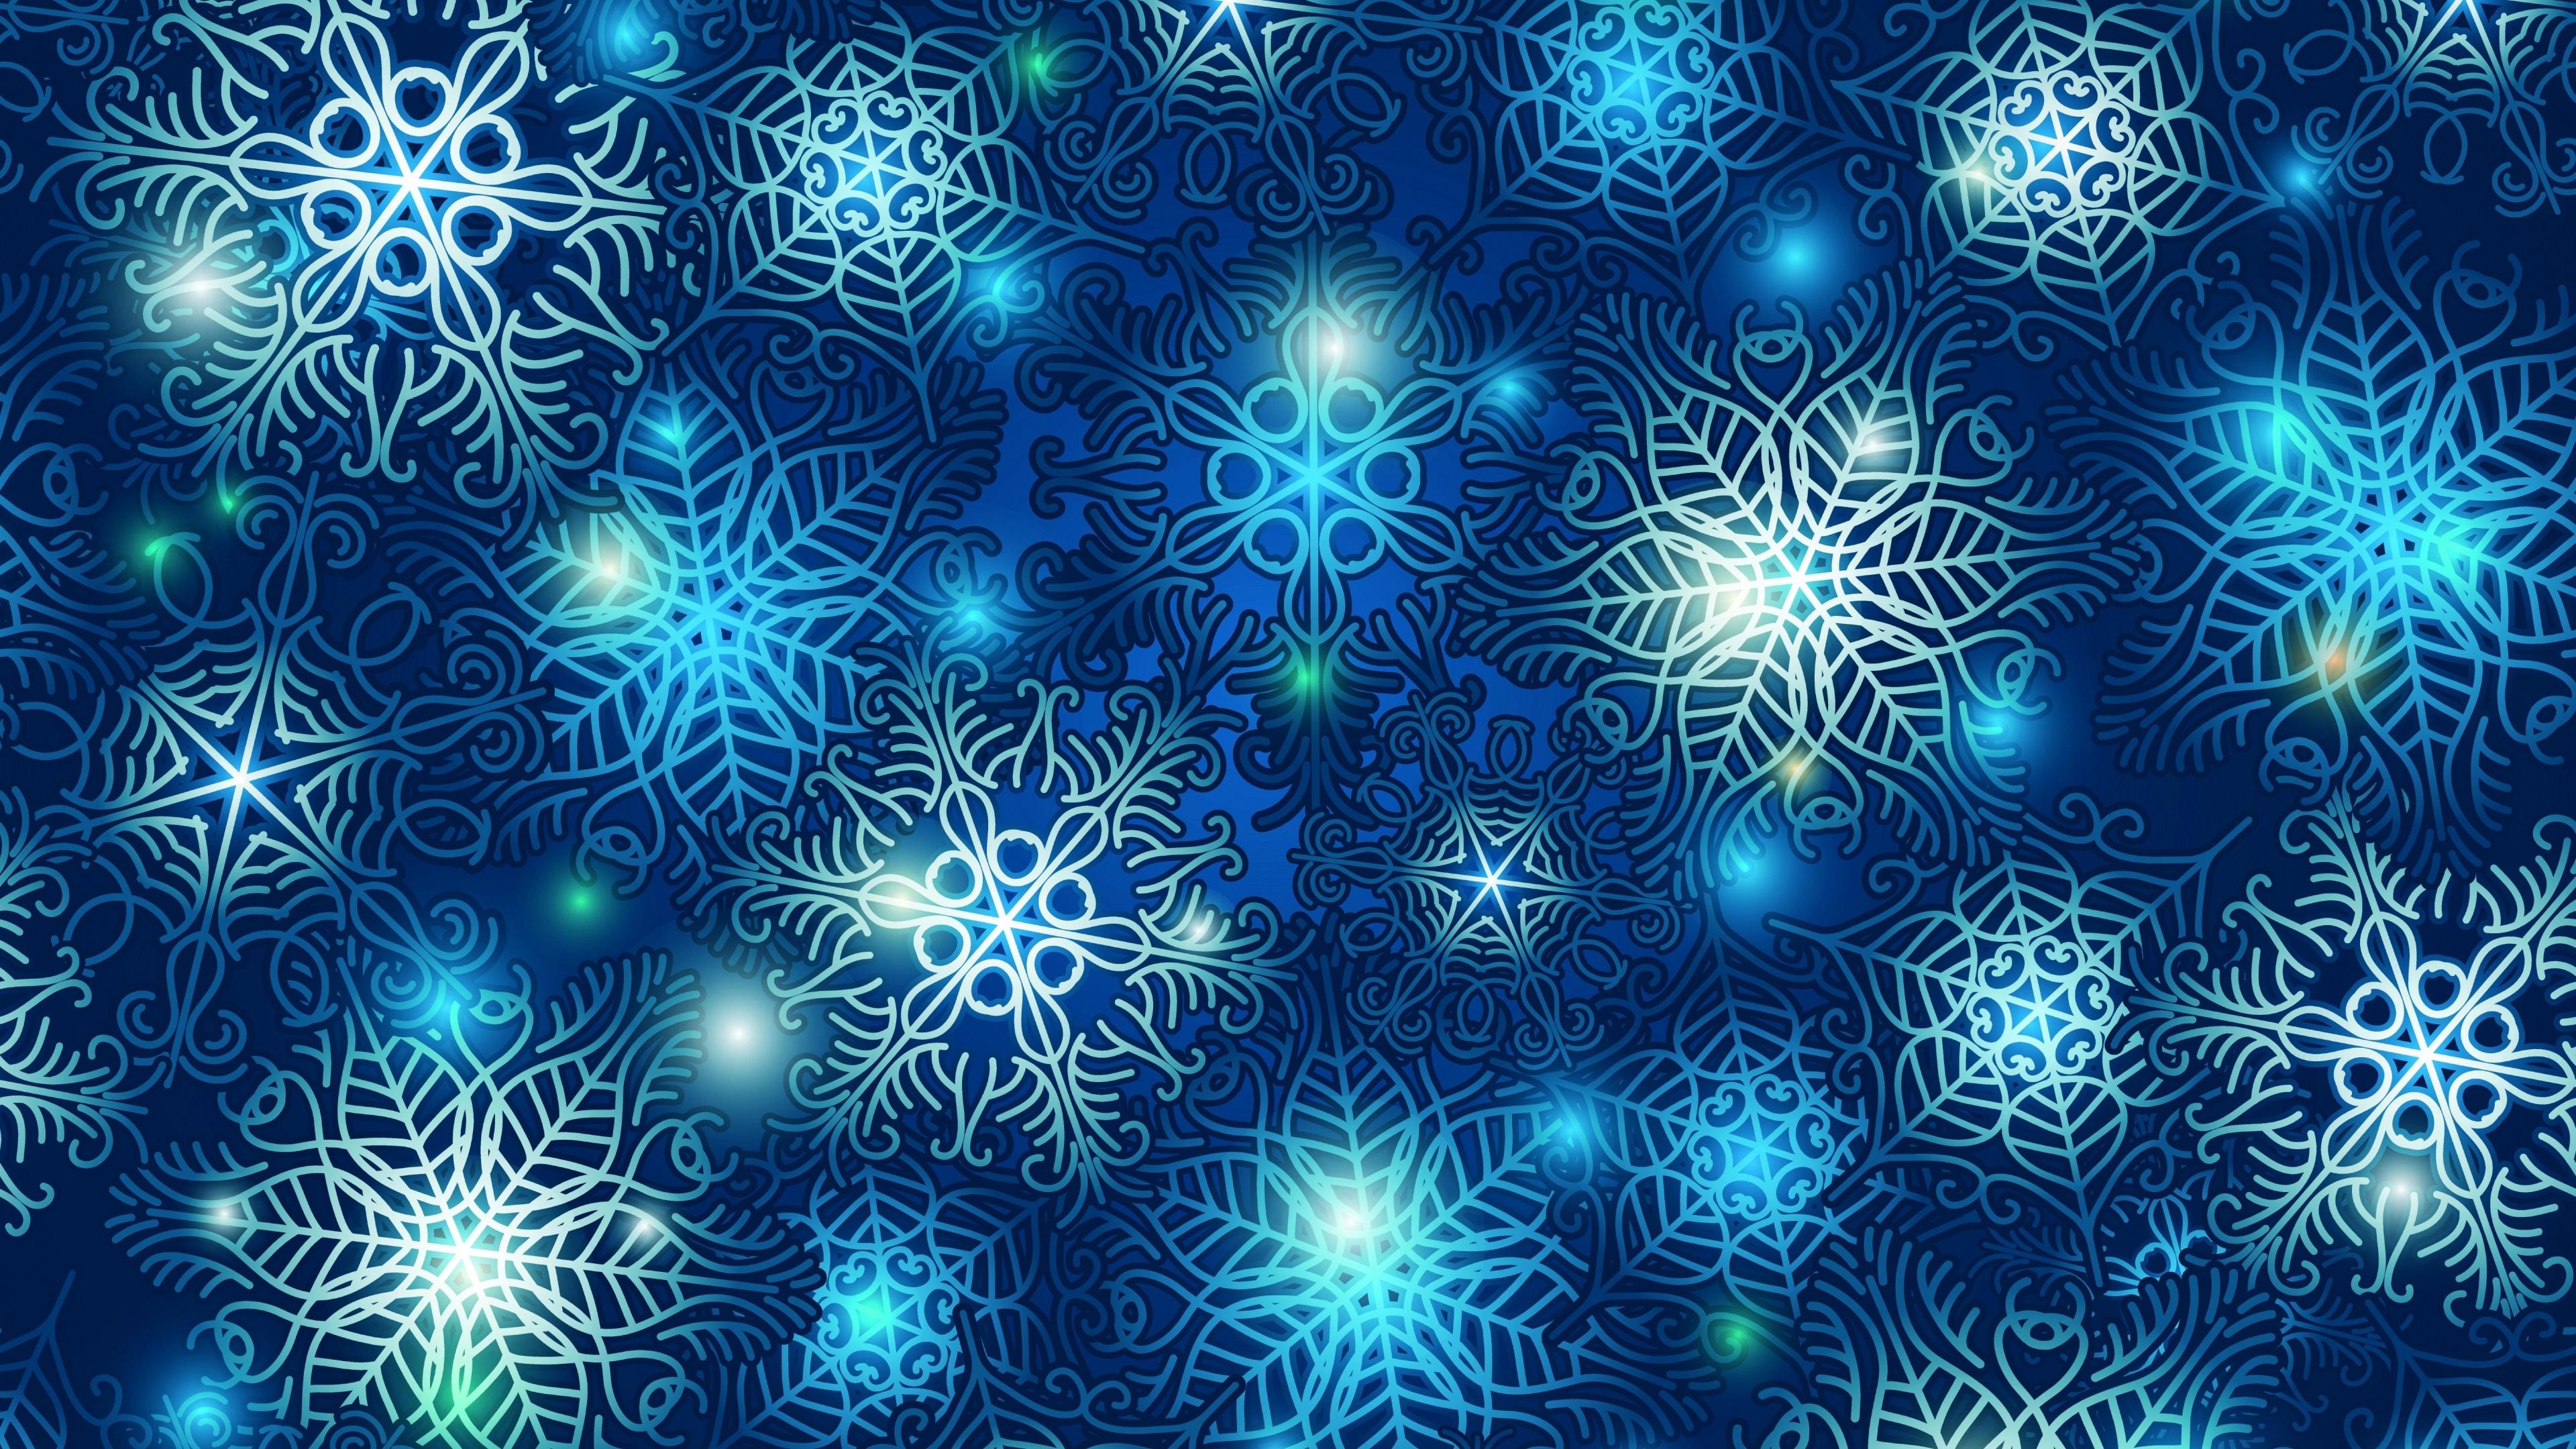 Blue snowflake pattern wallpaper